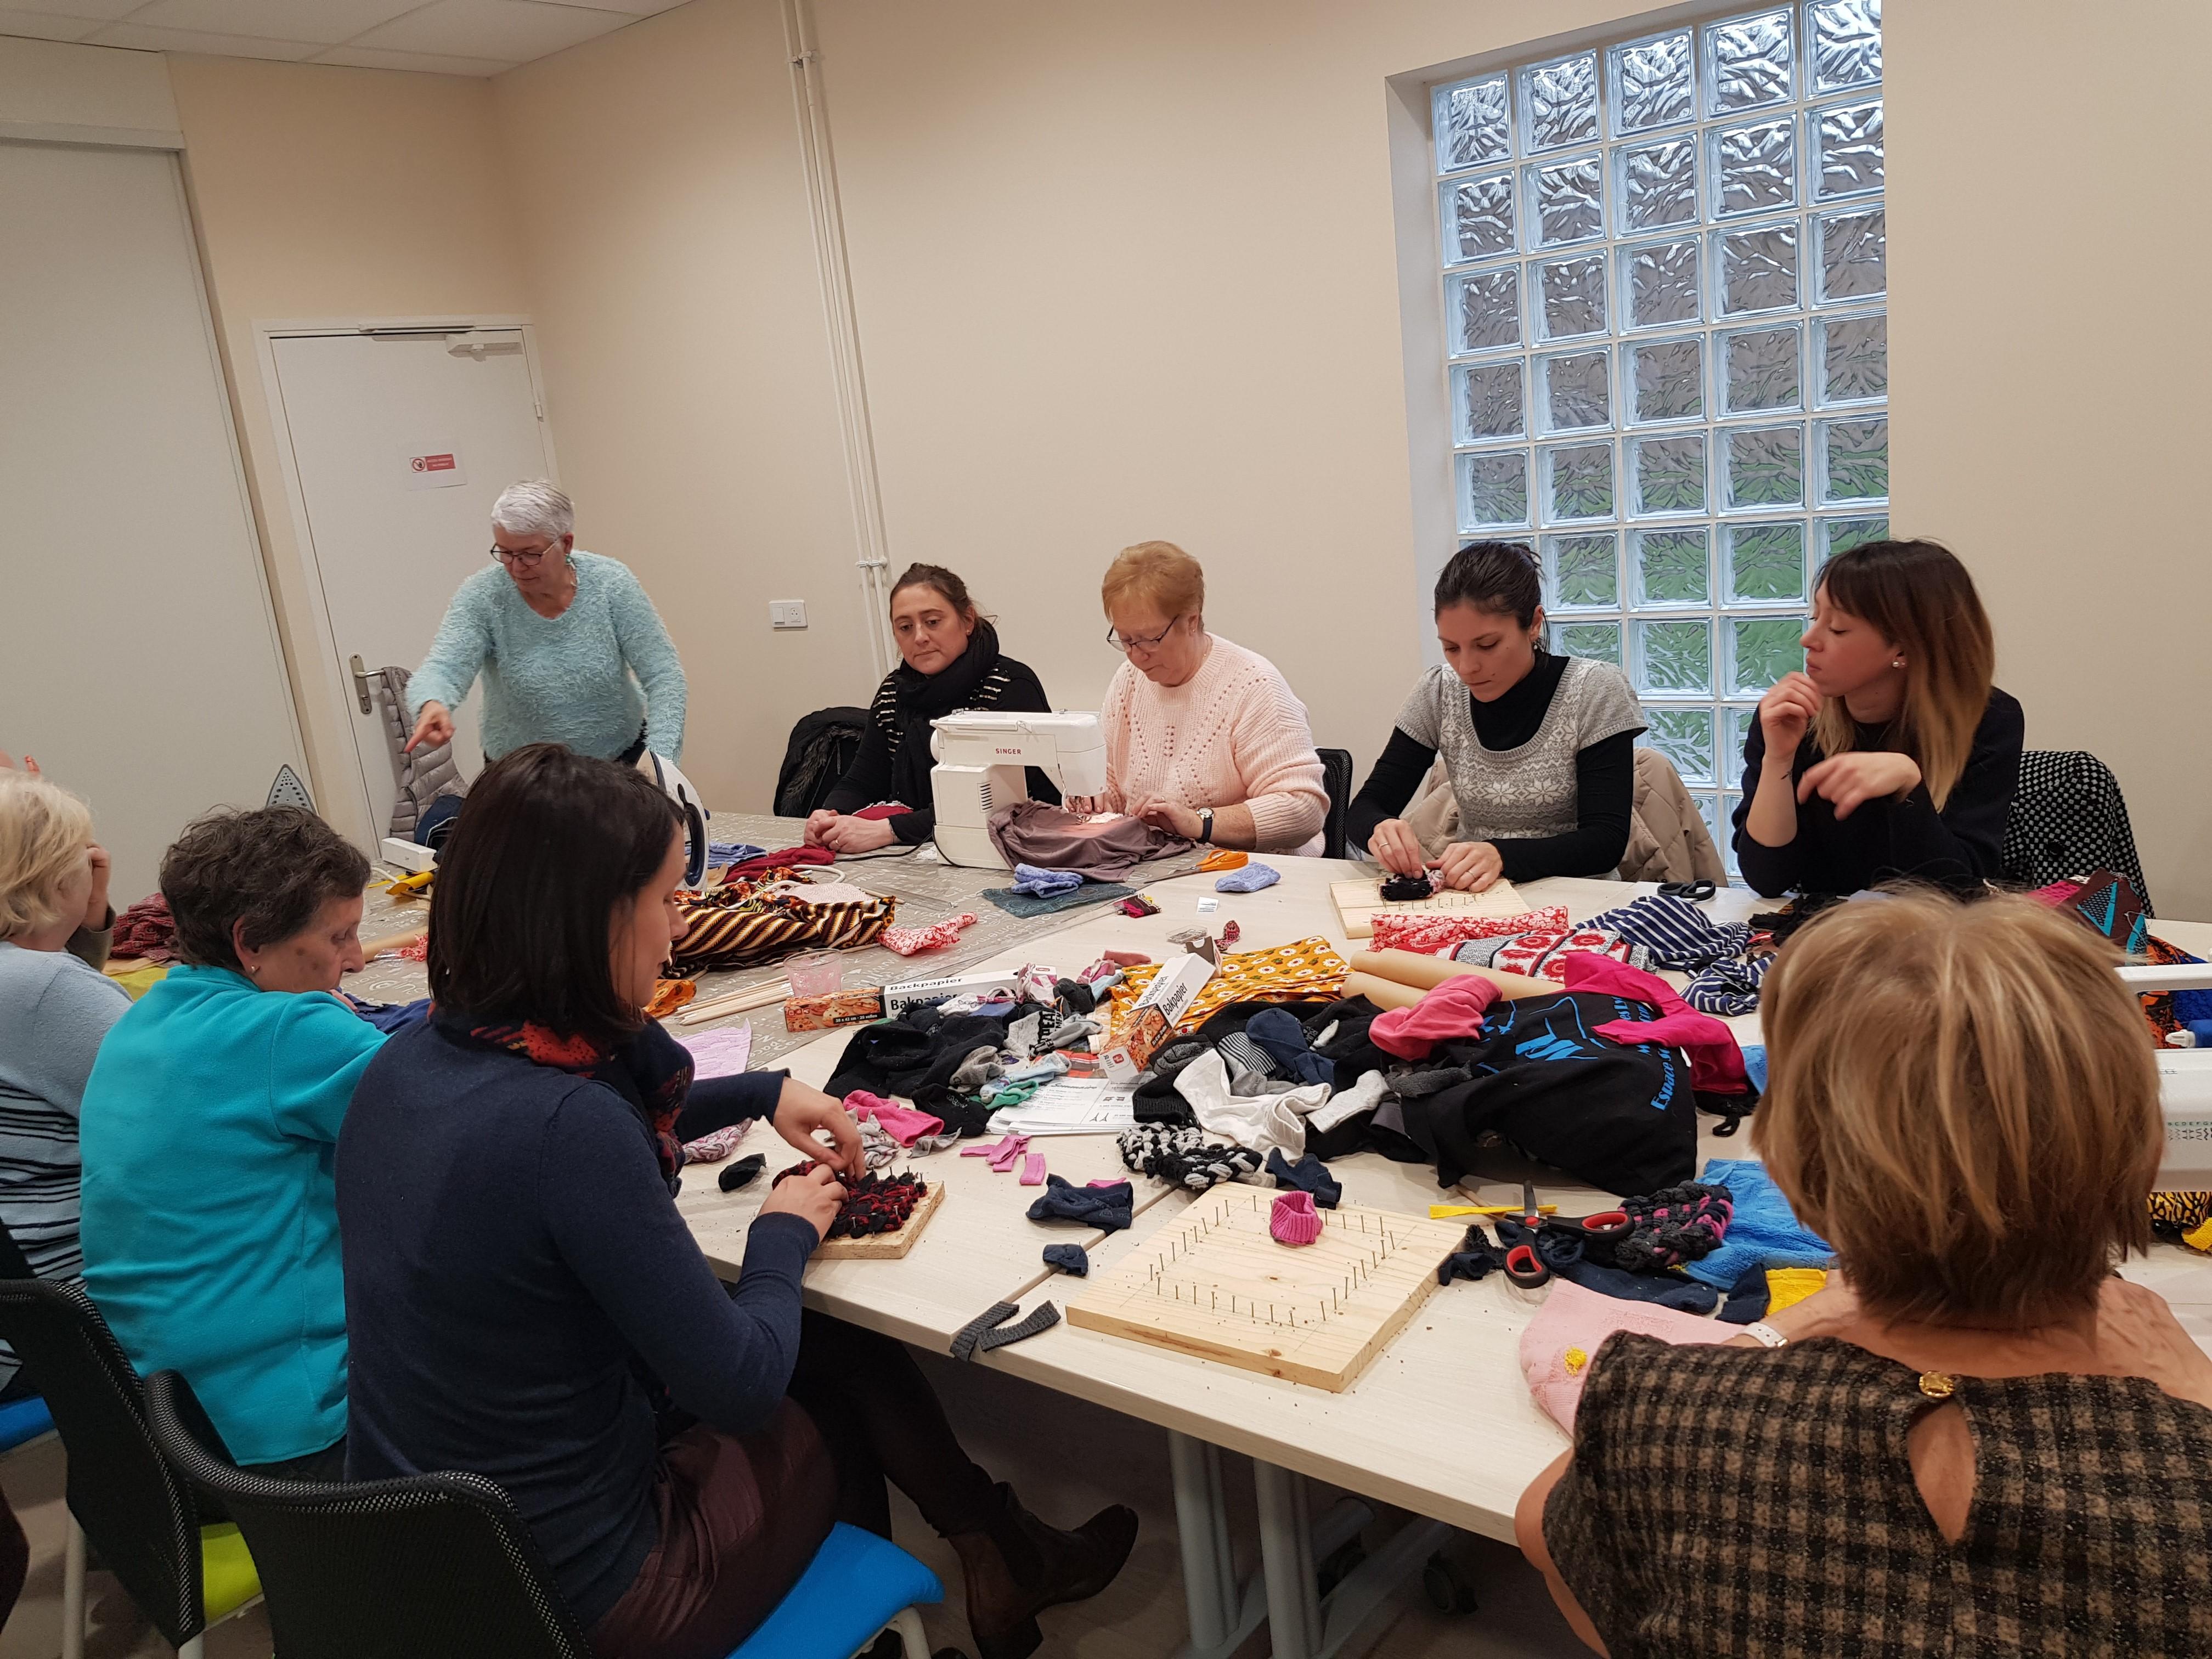 ✂️Dans le cadre de la Semaine Européenne de Réduction des Déchets, nous avons proposé un atelier sur le thème du recyclage textile à @Ecoetlogique ayant pour but de mettre en avant les différentes techniques possibles pour recycler son textile chez soiagglo-saintquentinois.fr/actualites-109…